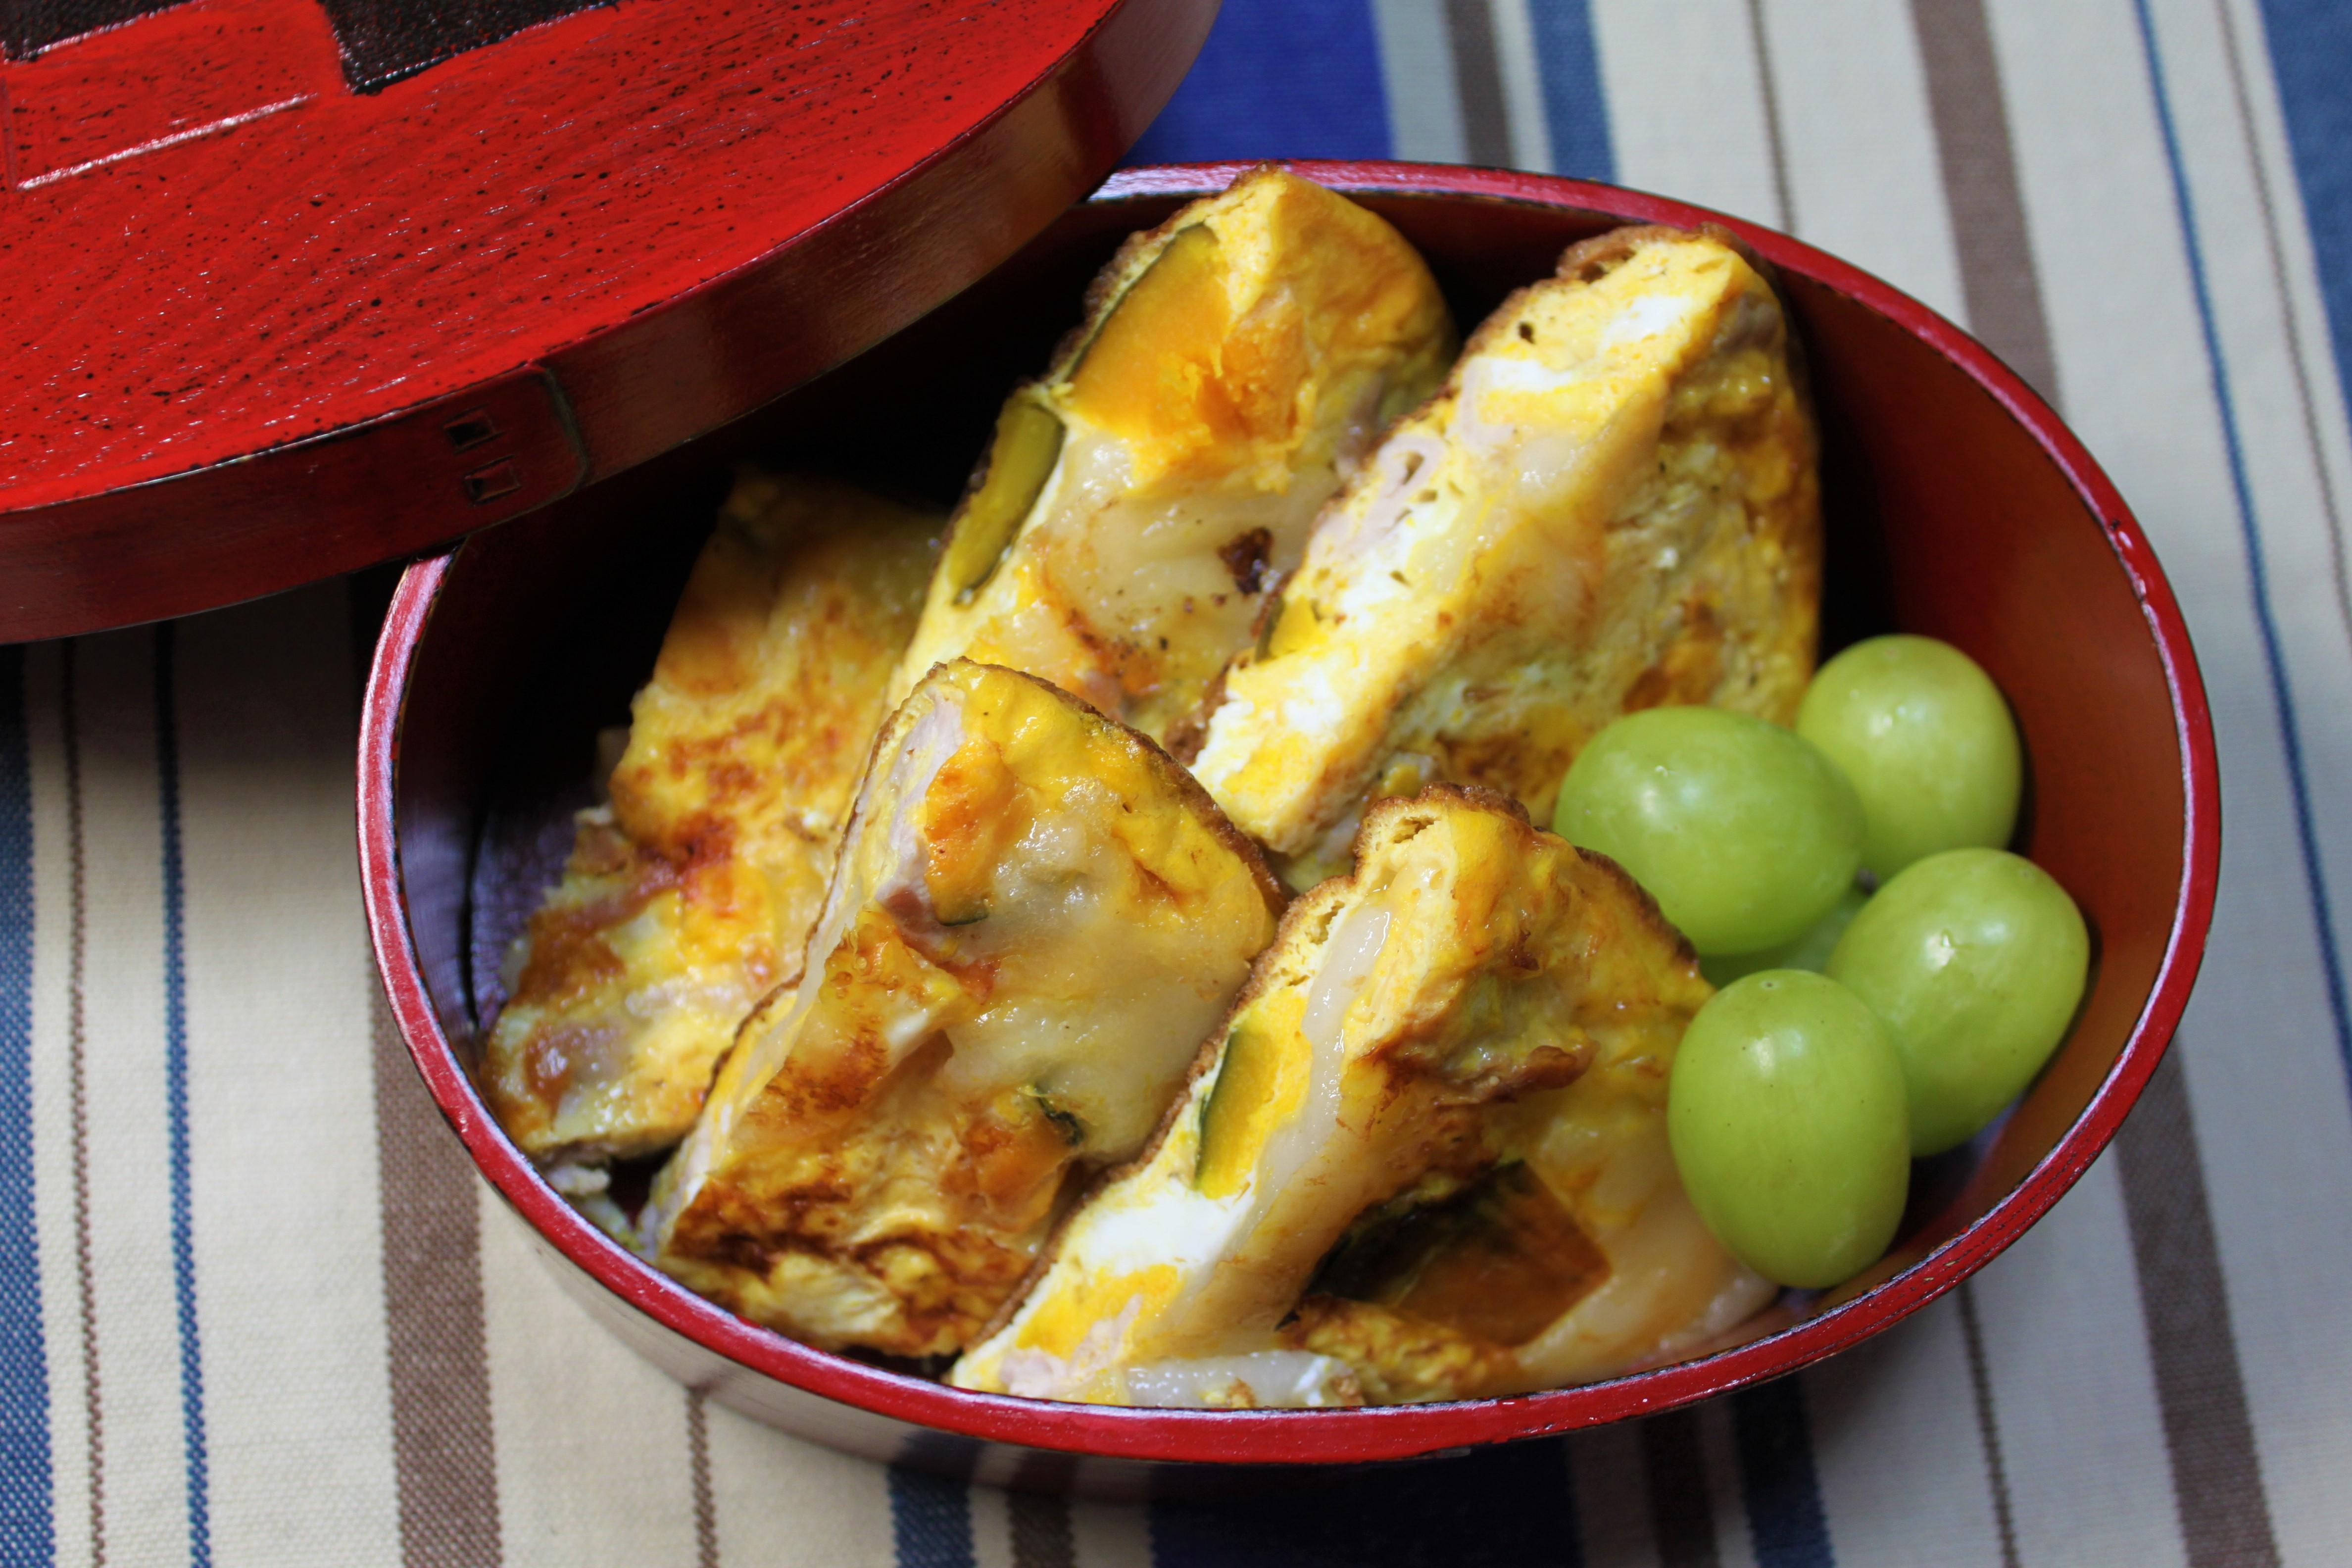 「お餅の入った卵焼き」第1回アスリートフードマイスターレシピコンテスト(テーマ:補食)最優秀賞